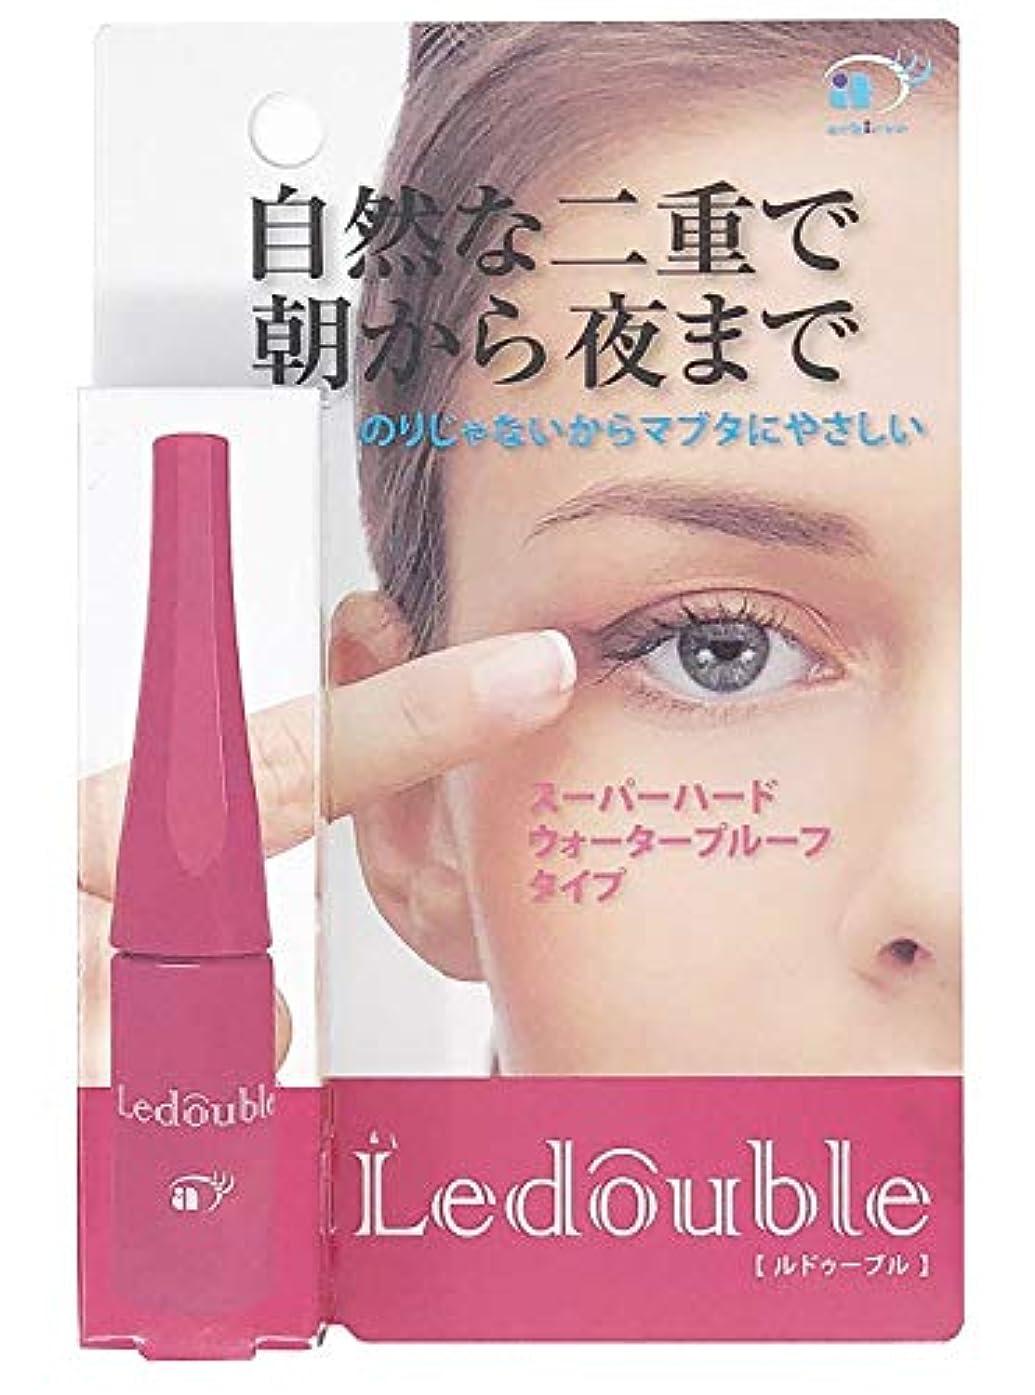 最悪愛撫持続的Ledouble【ルドゥーブル】二重まぶた化粧品(4mL)